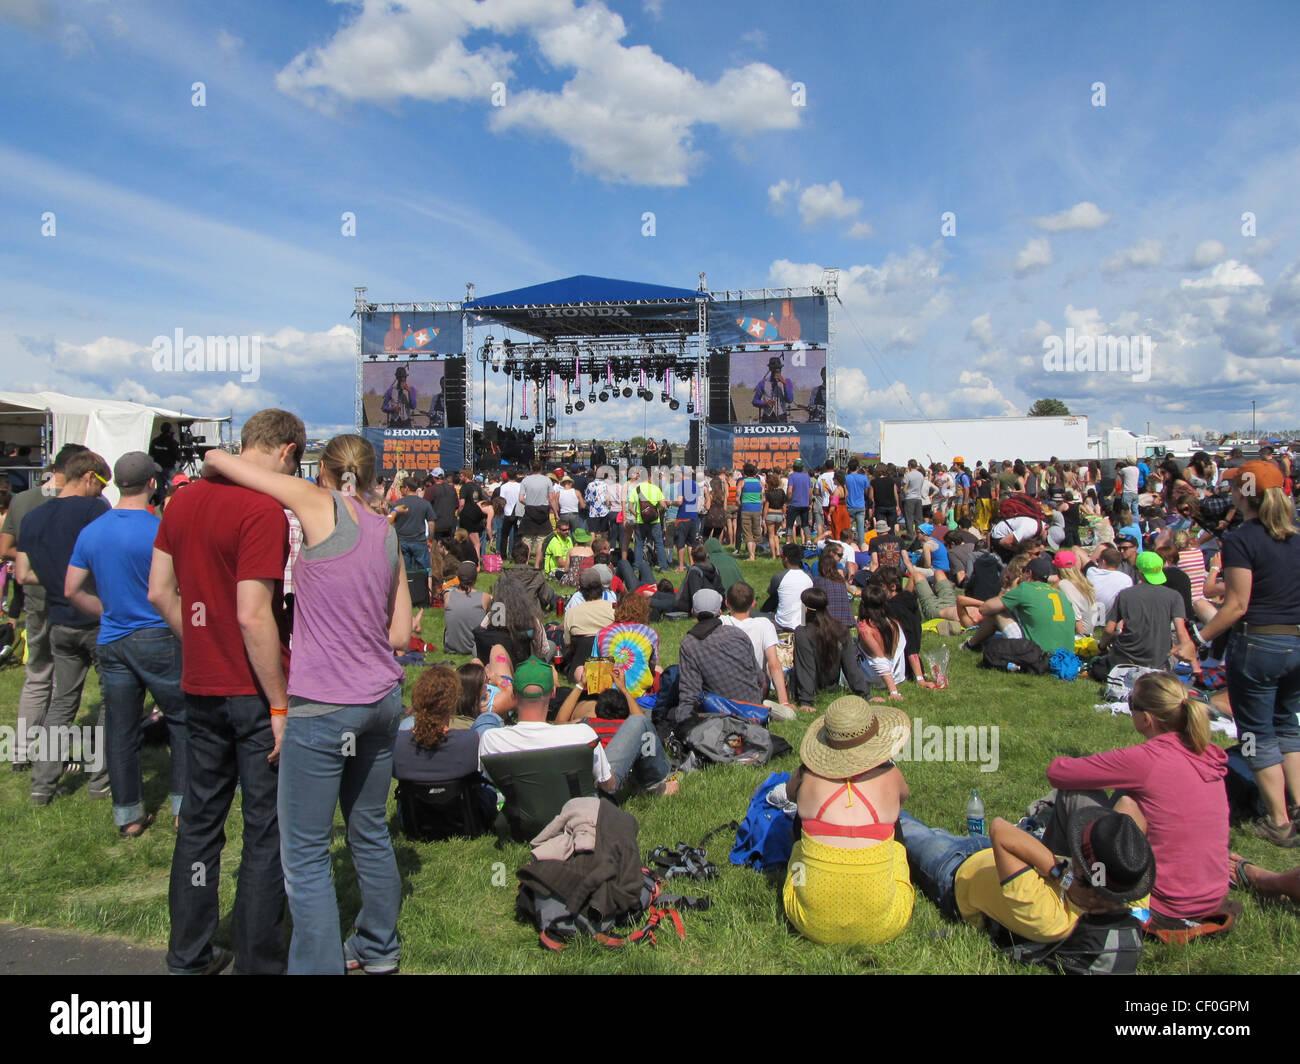 Una multitud se reúne en el Festival de Música de Sasquatch, en el estado de Washington, EE.UU. Imagen De Stock